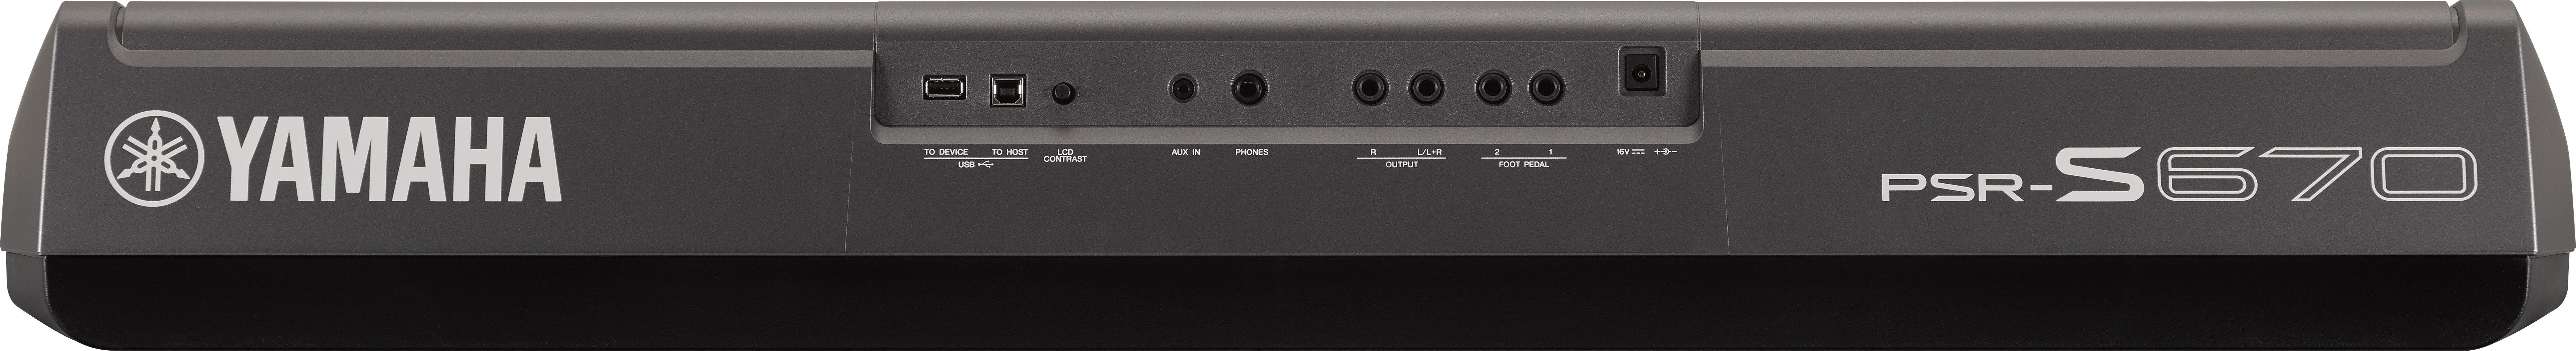 PSR-S670 - Videos - Digital and Arranger Workstations - Keyboard